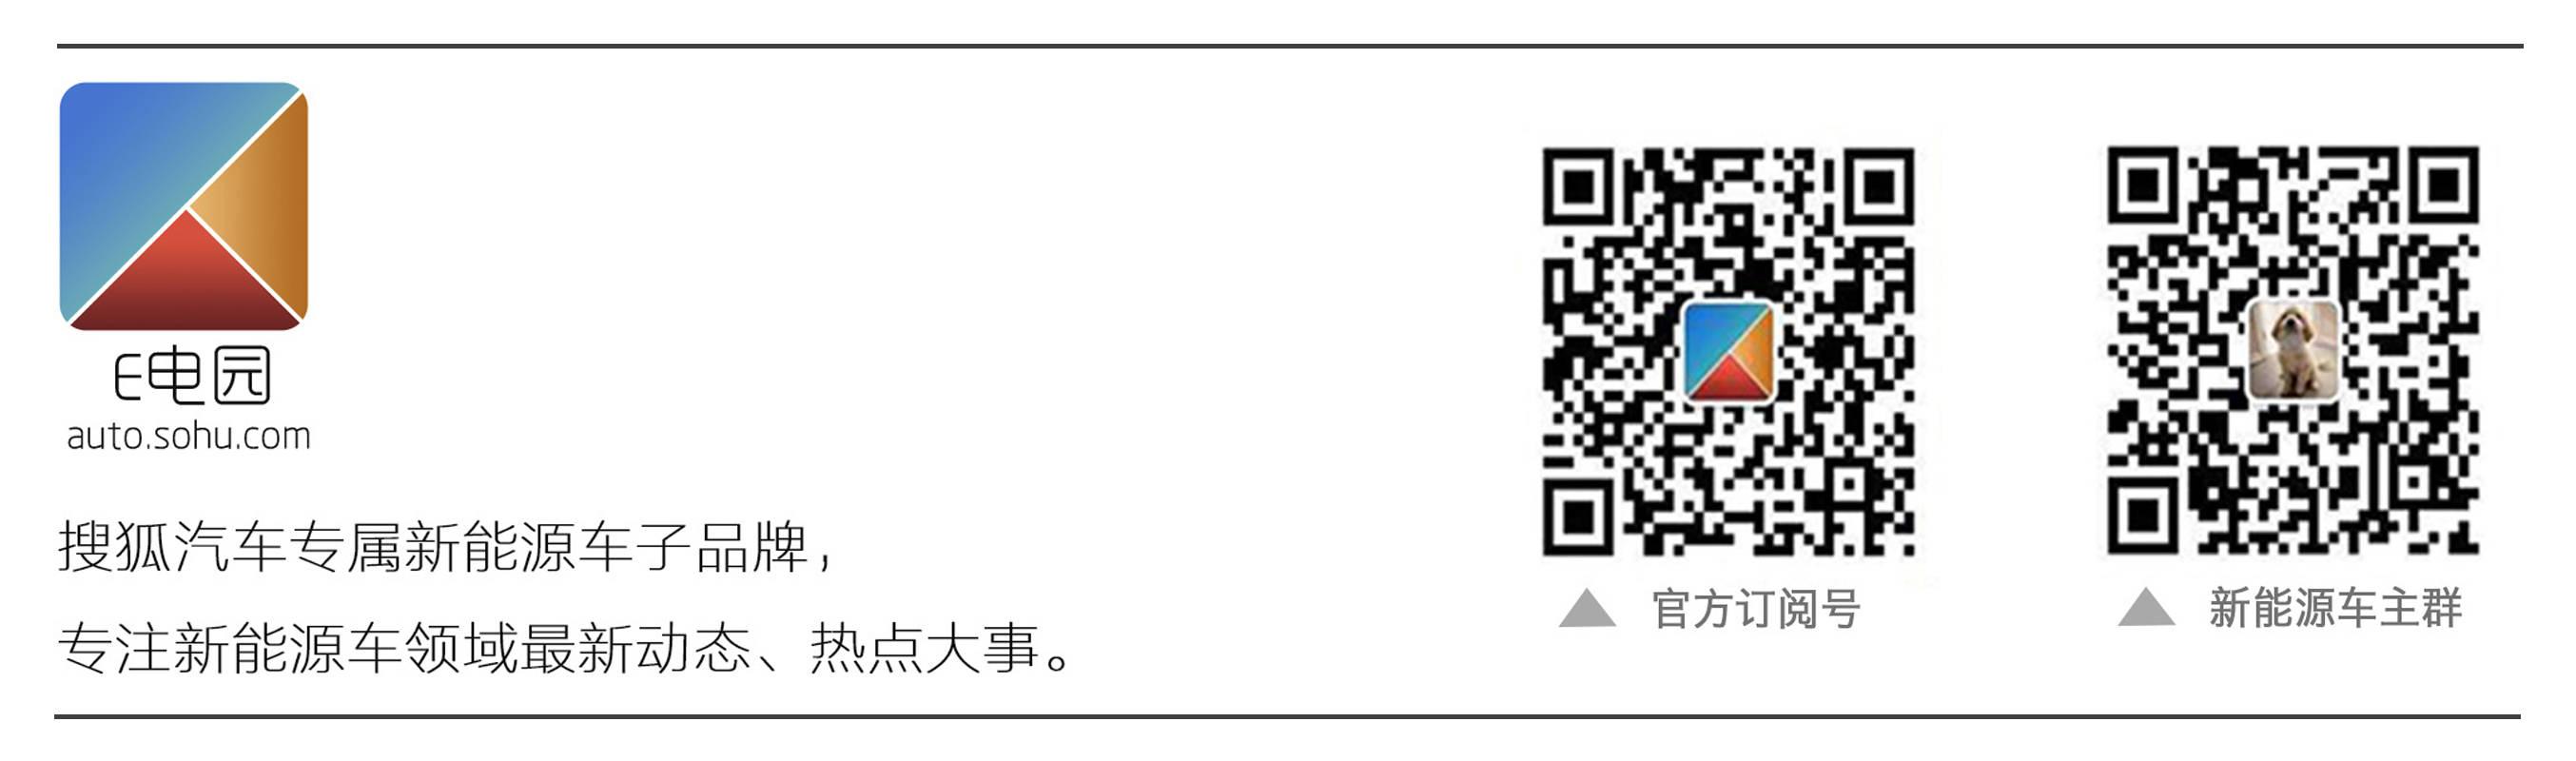 沐鸣代理-首页【1.1.8】